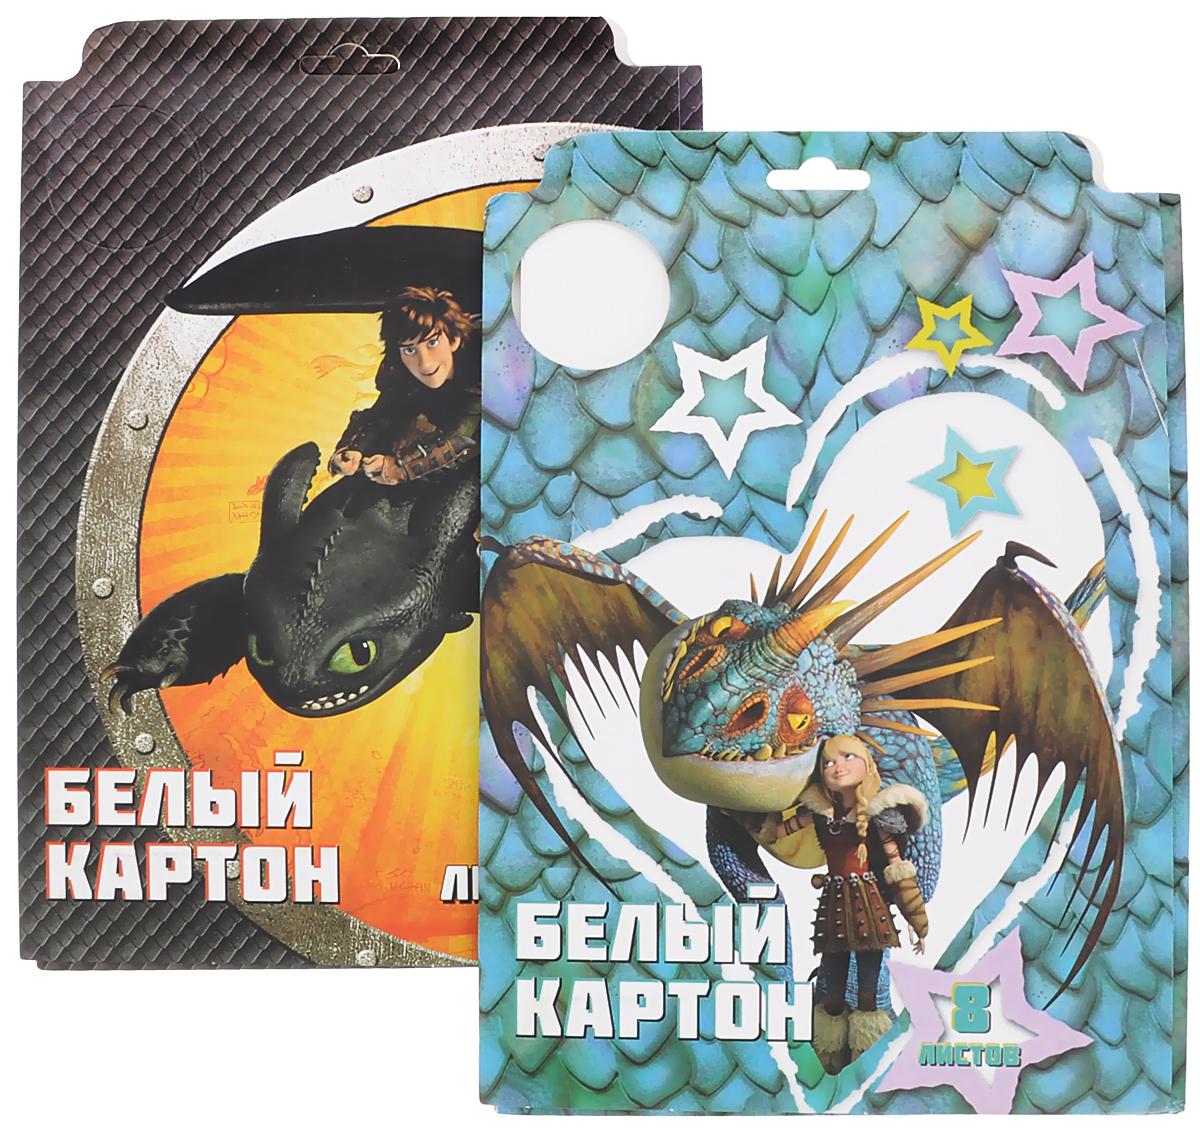 Action! Картон белый Dragons 8 листов 2 штDR-AWP-8/8_черный/зеленыйКартон мелованный белый Action! Dragons позволит вашему ребенку создаватьвсевозможные аппликации и поделки.Набор состоит из 8 листов картонабелого цвета формата А4. Листы упакованы в оригинальную картонную папку,оформленную изображением героев Dragons. Создание поделок из картонапоможет ребенку в развитии творческих способностей, кроме того, этоувлекательный досуг.В комплекте 2 набора по 8 листов.